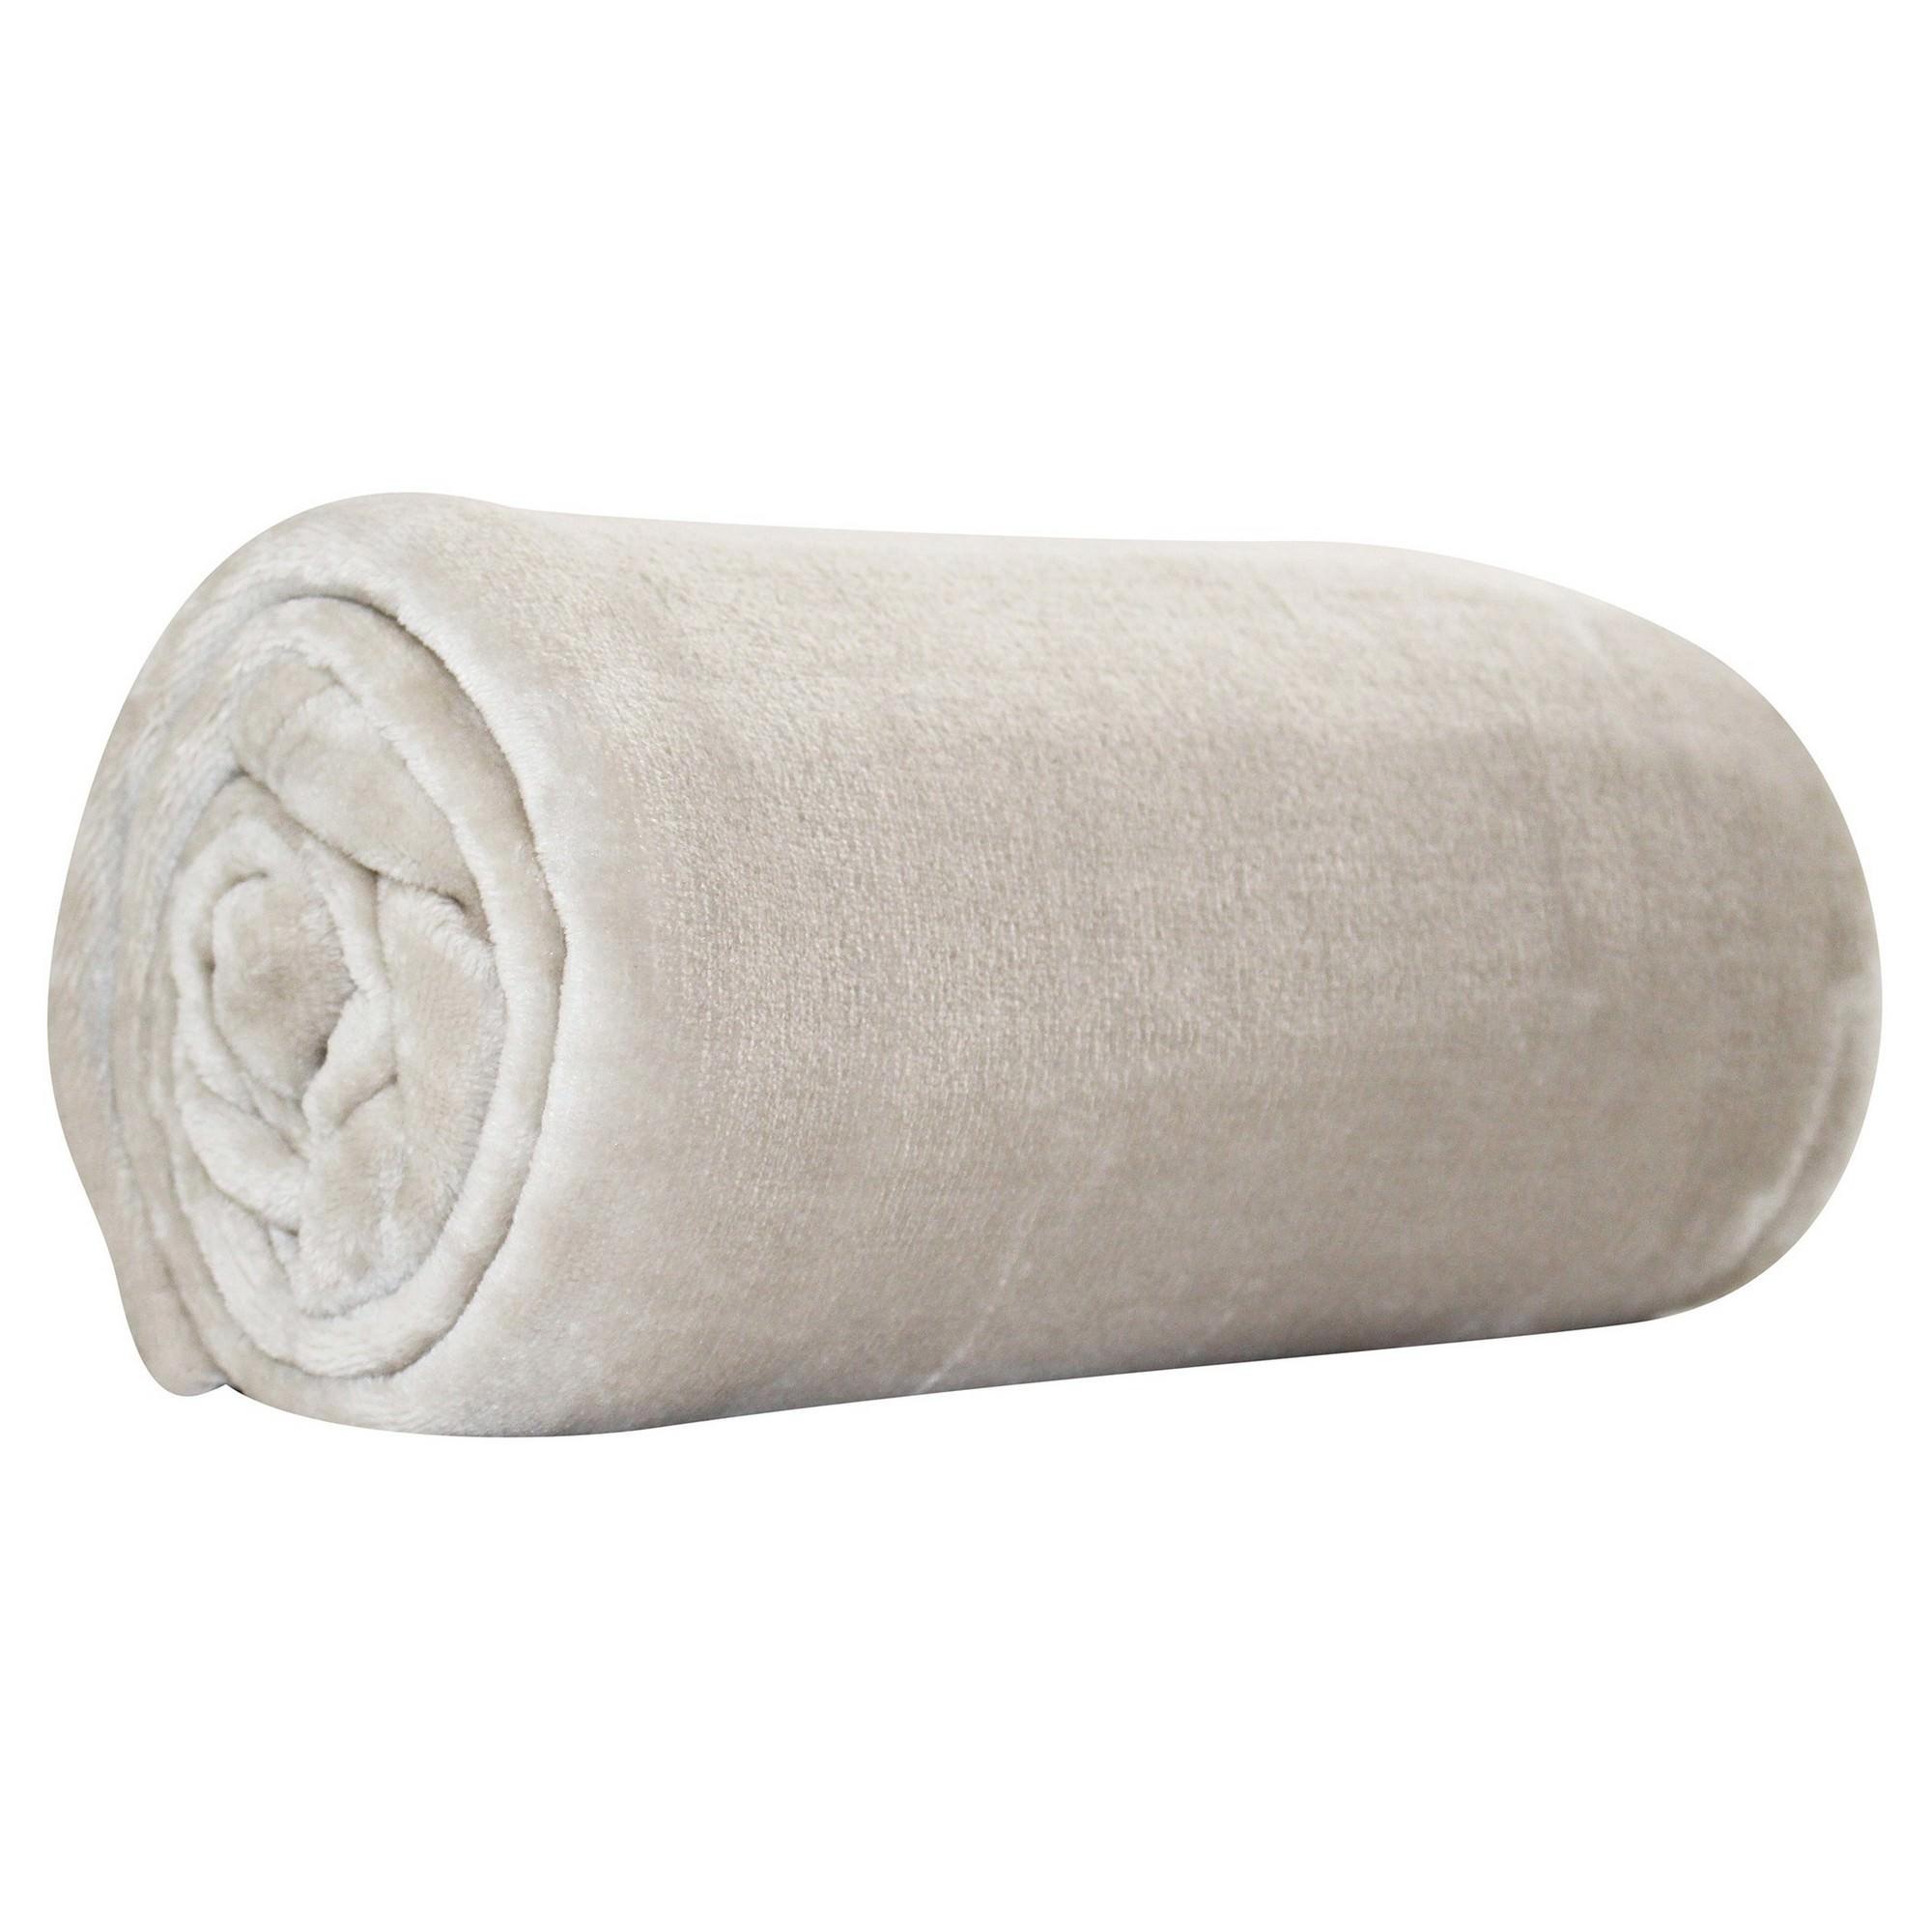 Odyssey Living Super Soft Plush Throw, 127x152cm, Cream